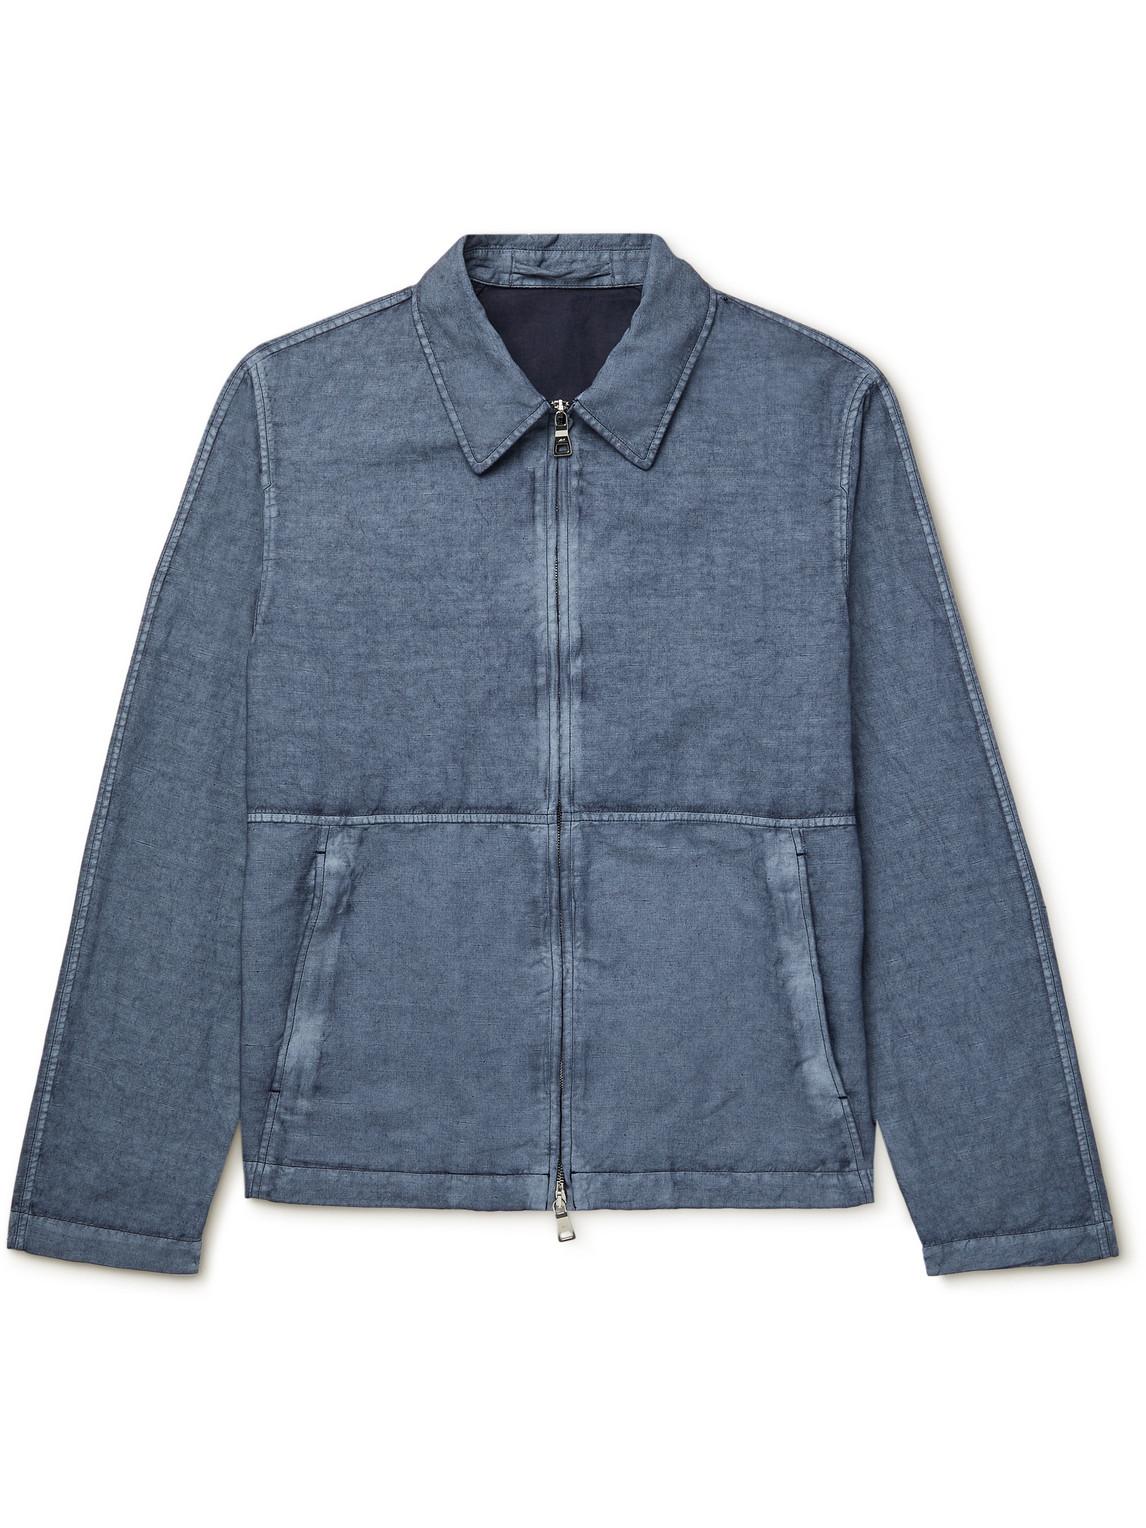 Mr P. - Resist-Dyed Cotton And Linen-Blend Blouson Jacket - Men - Blue - Xs